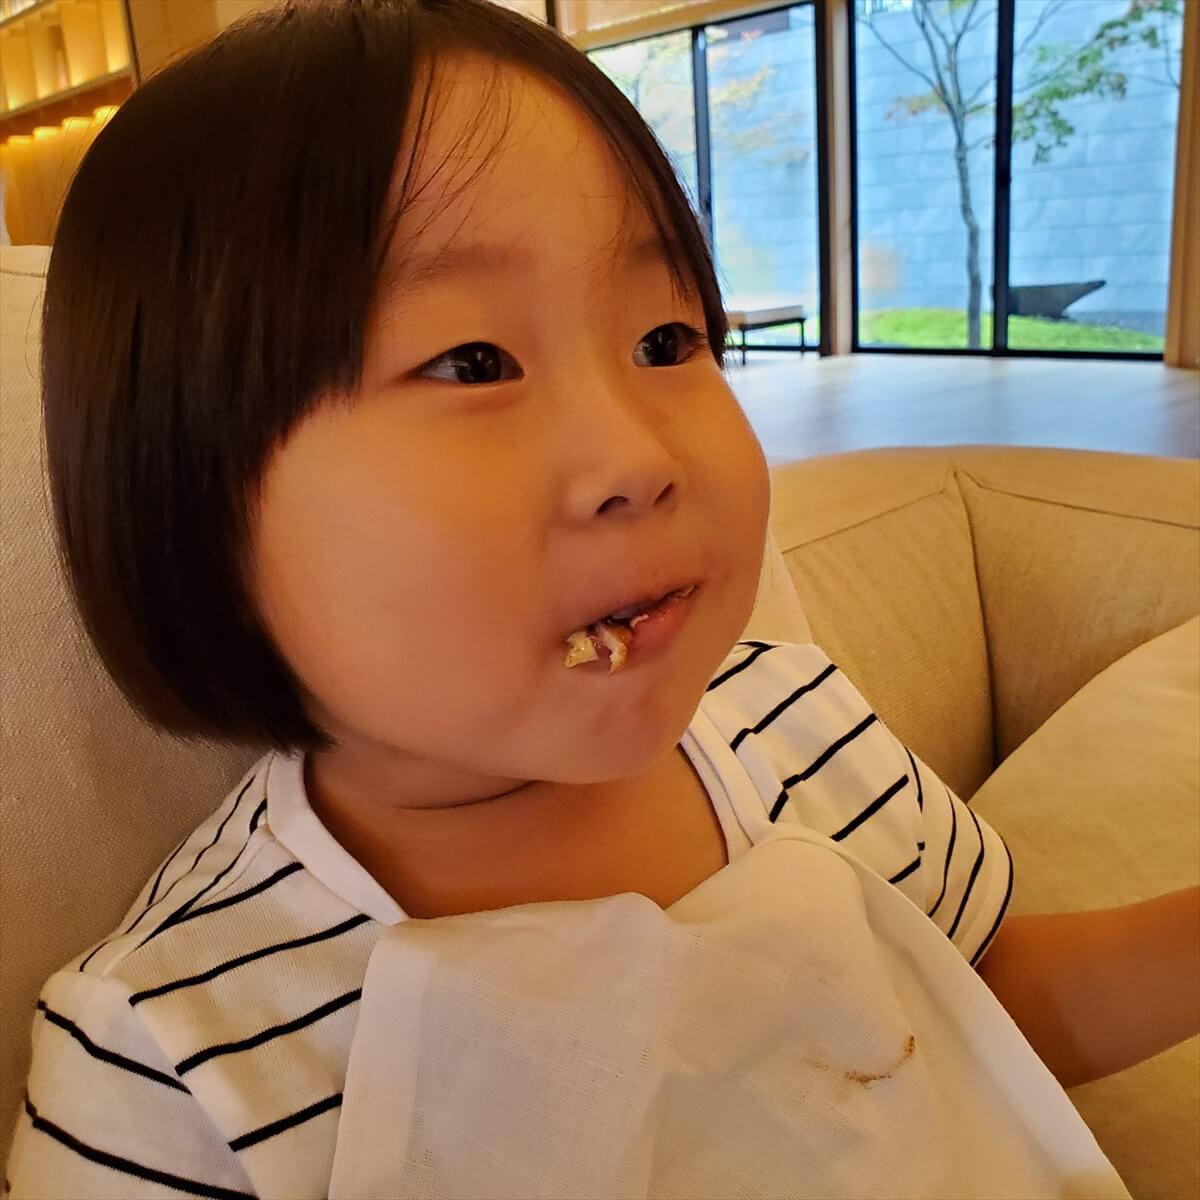 リッツカールトン日光のハンバーガー「和牛バーガー」を食べた娘の反応